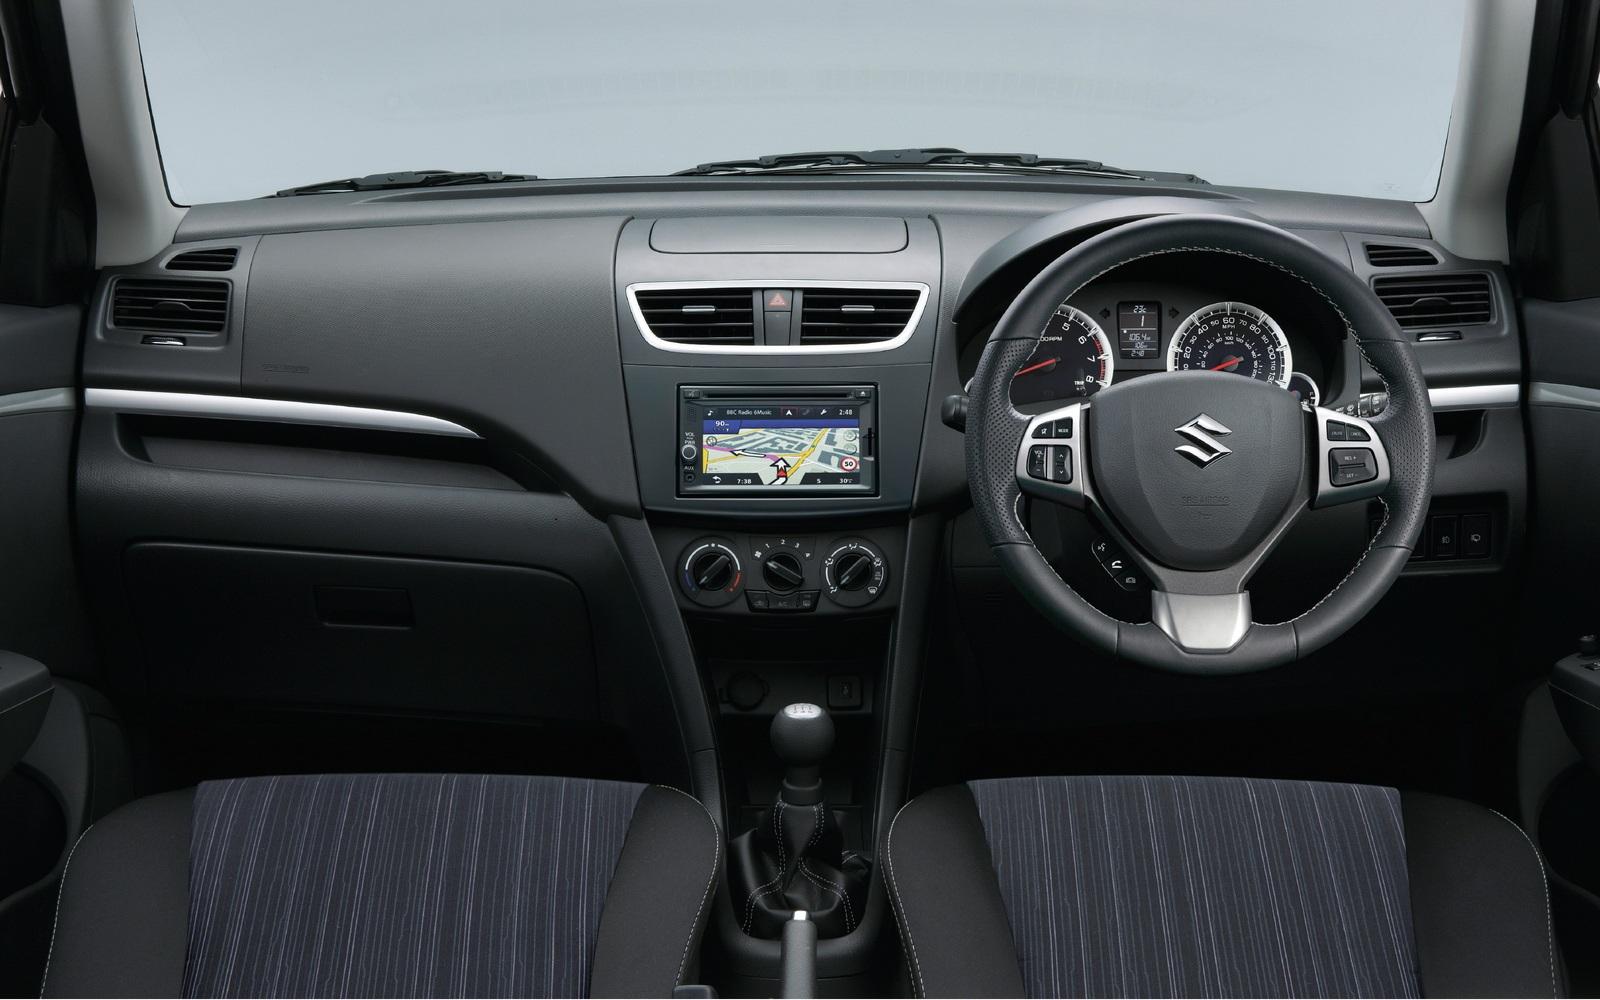 new-suzuki-swift-2017-interior